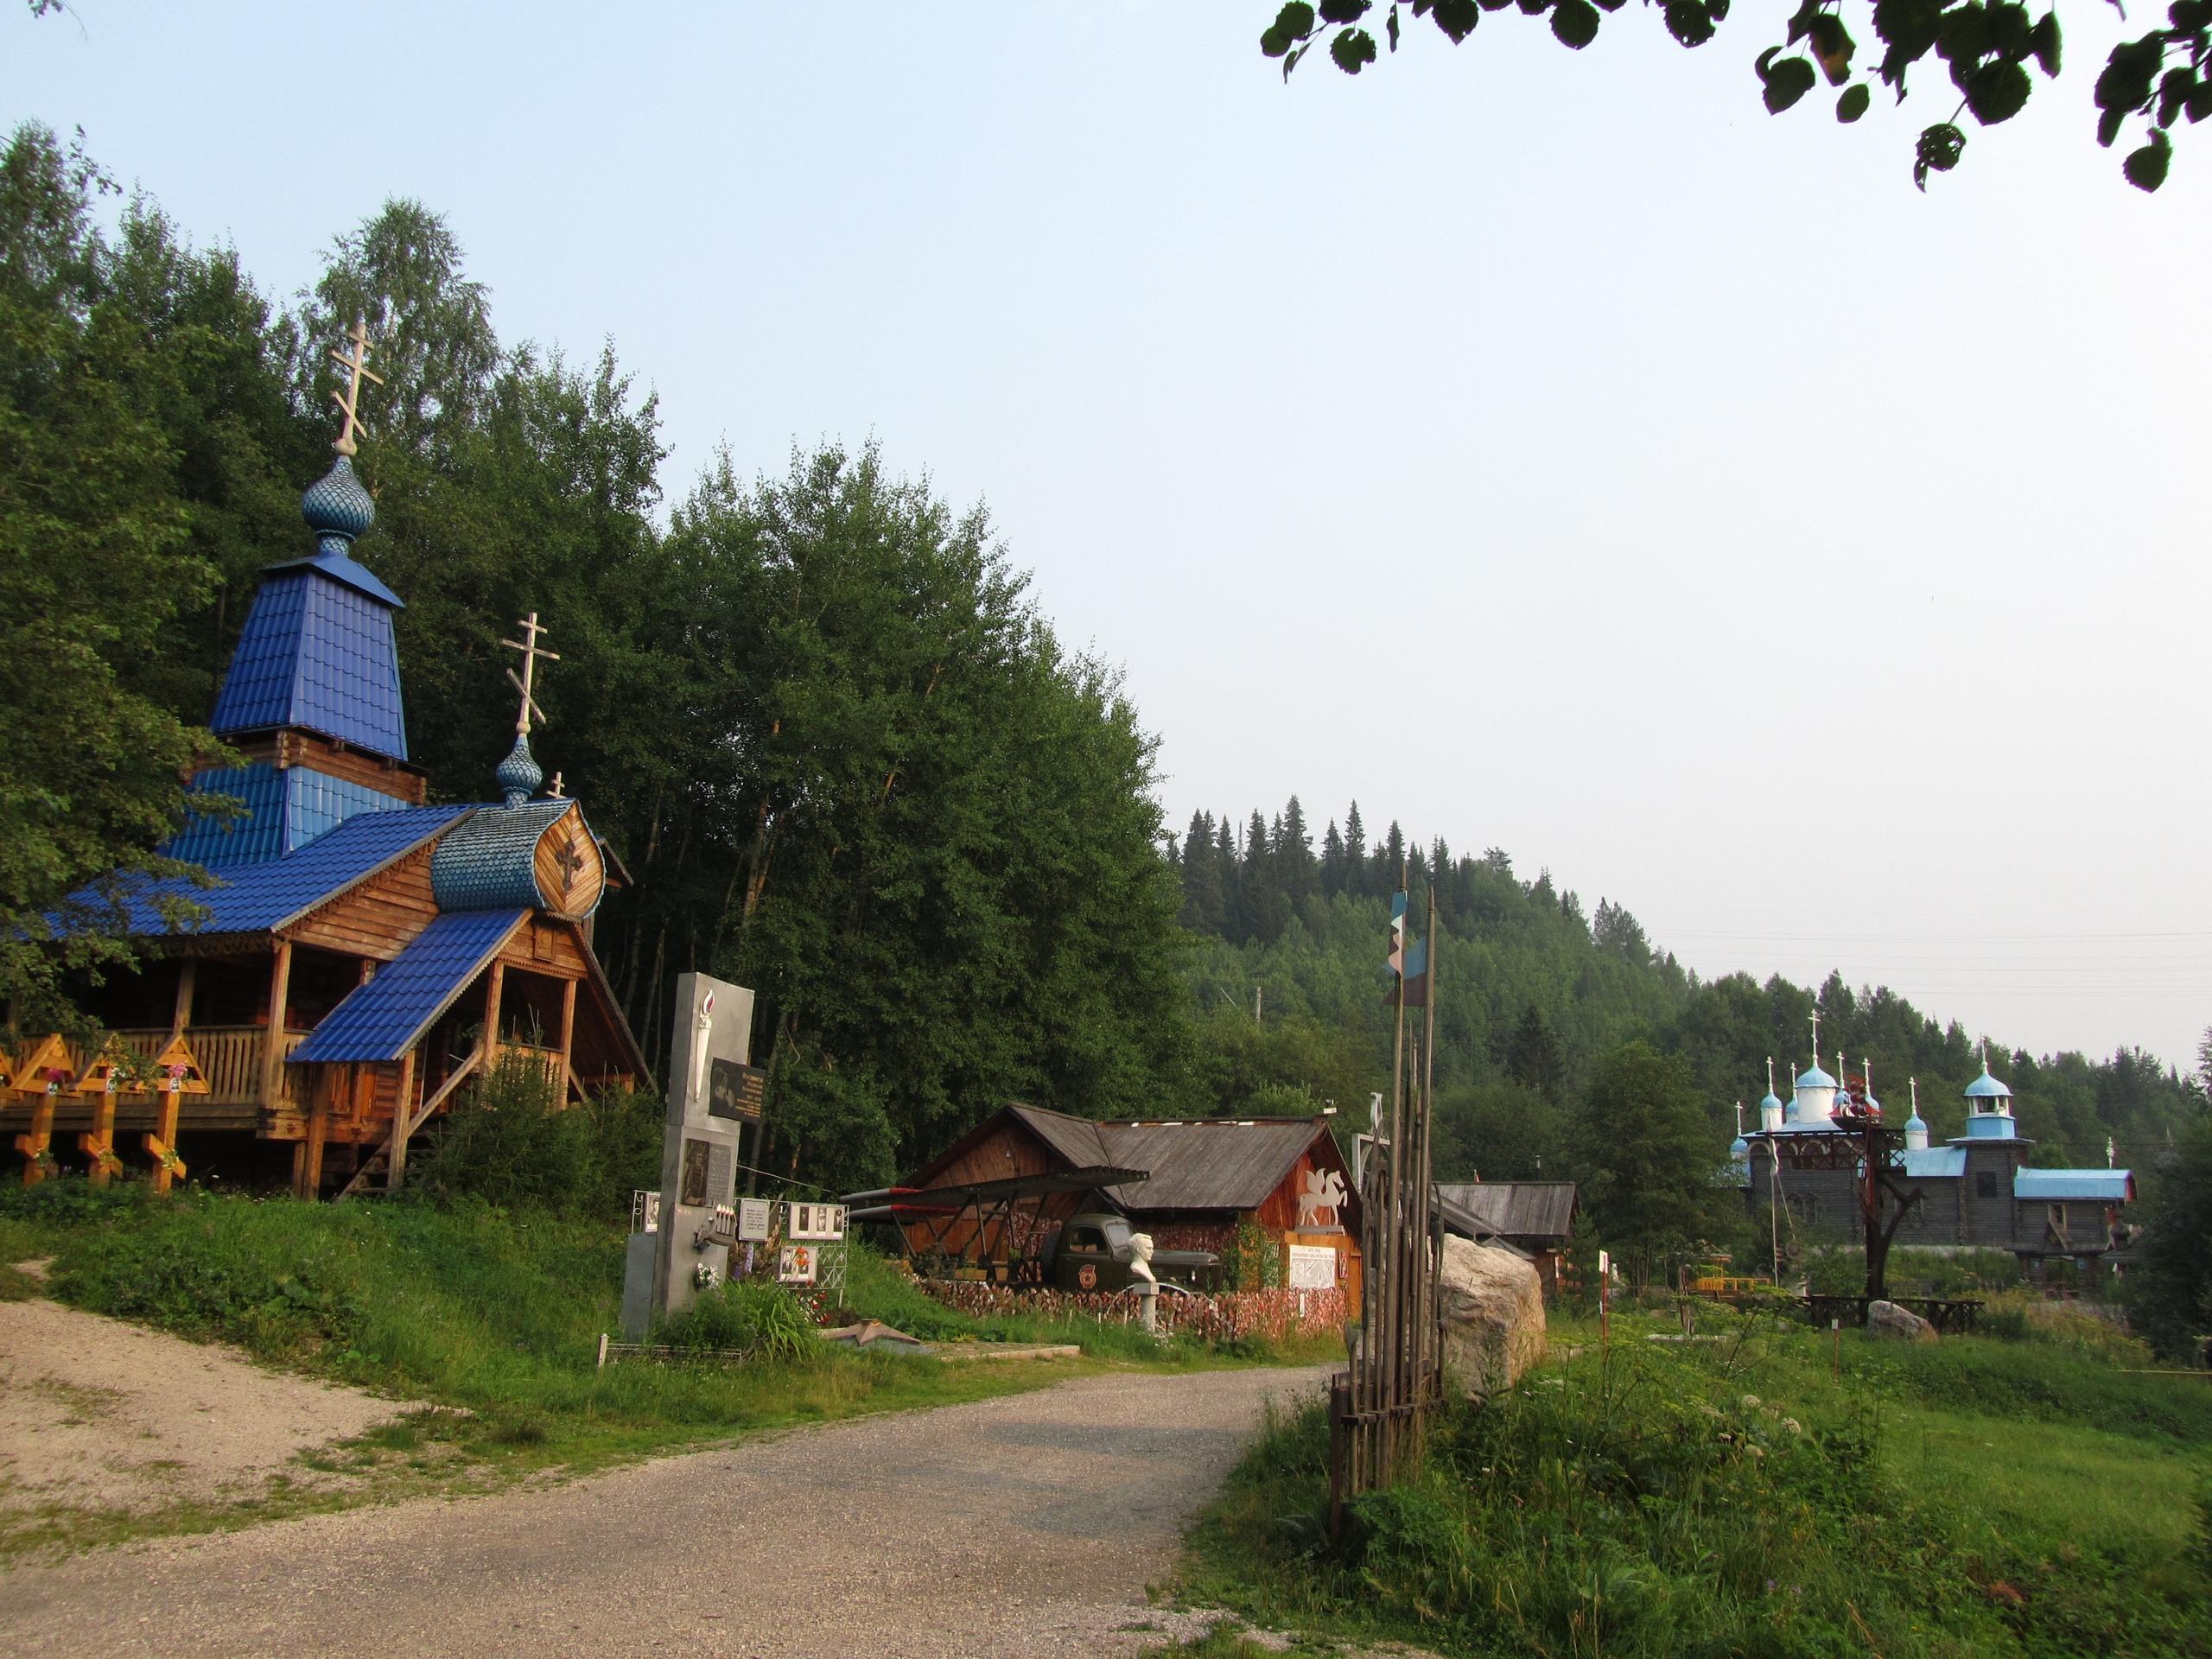 традиционные уральские архитектурные элементы в парке реки Чусовой